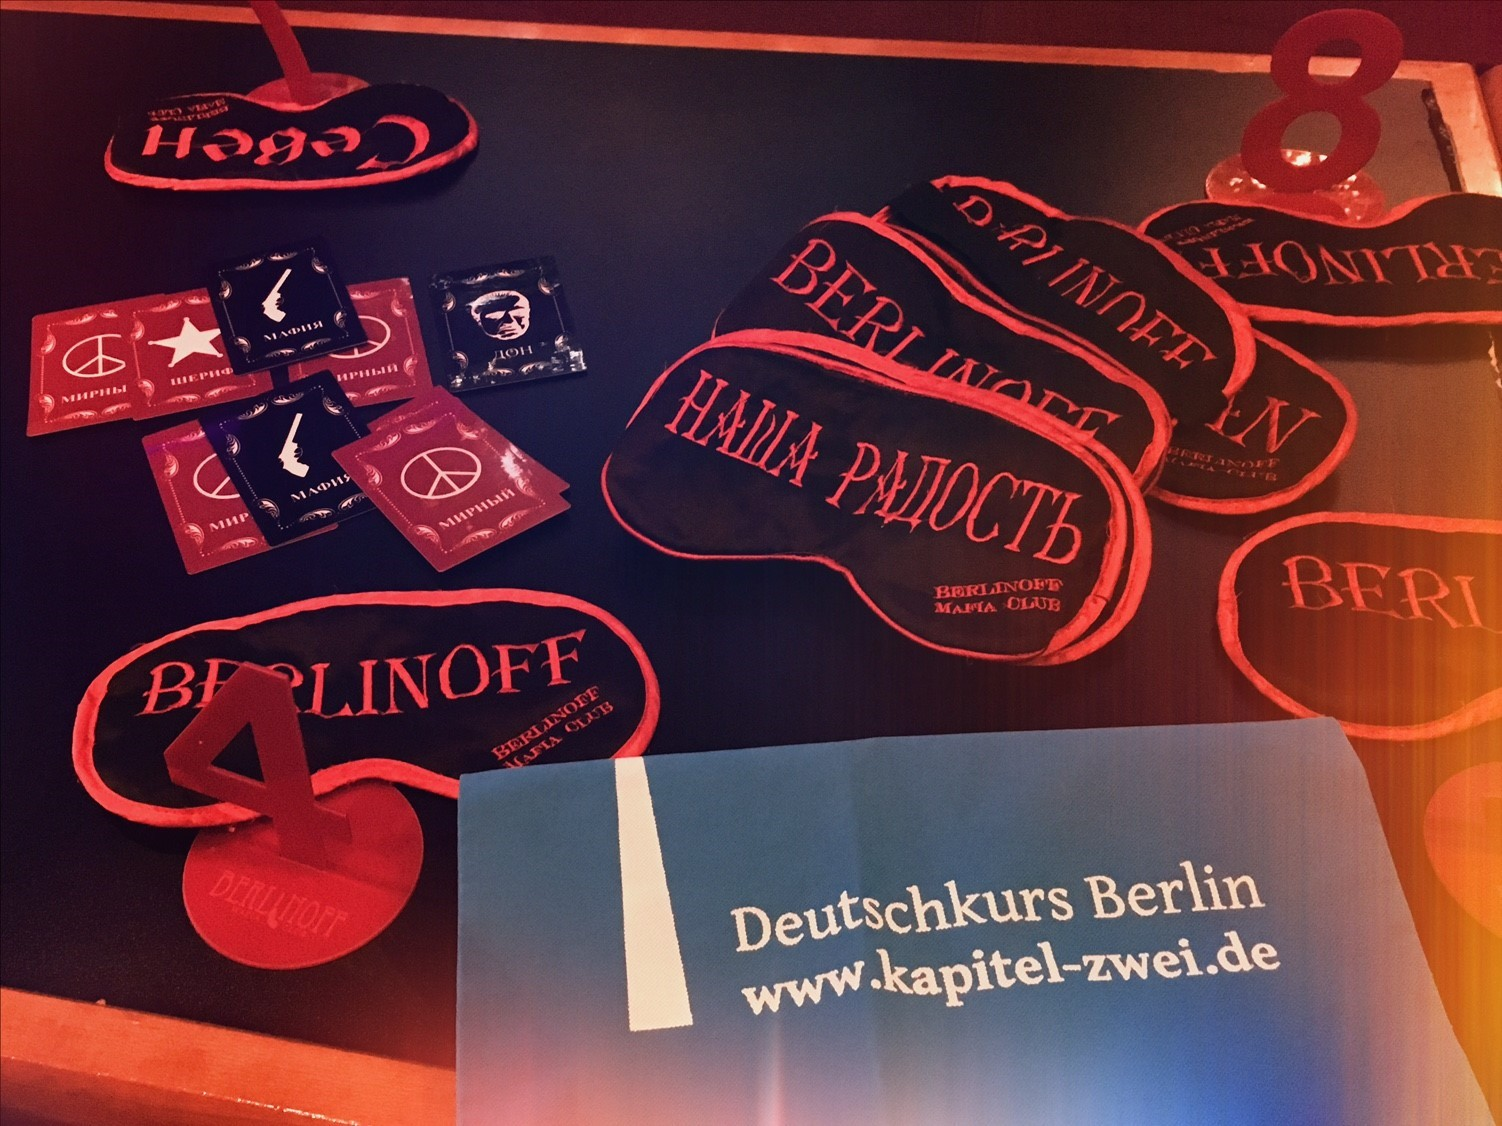 Kapitel Zwei Berlin Mafia